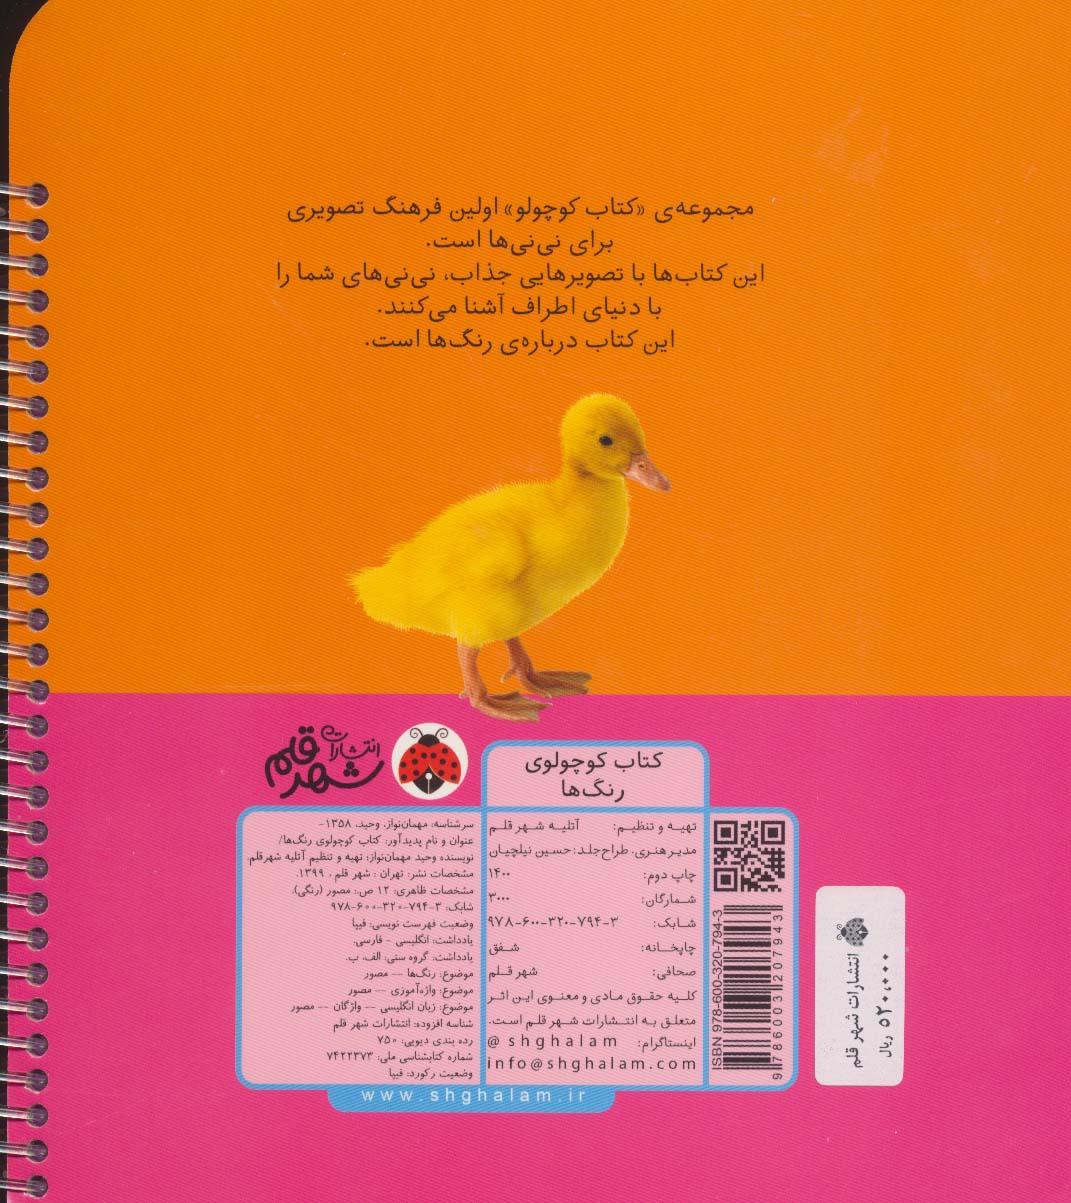 کتاب کوچولوی رنگ ها (2زبانه،سیمی،گلاسه)